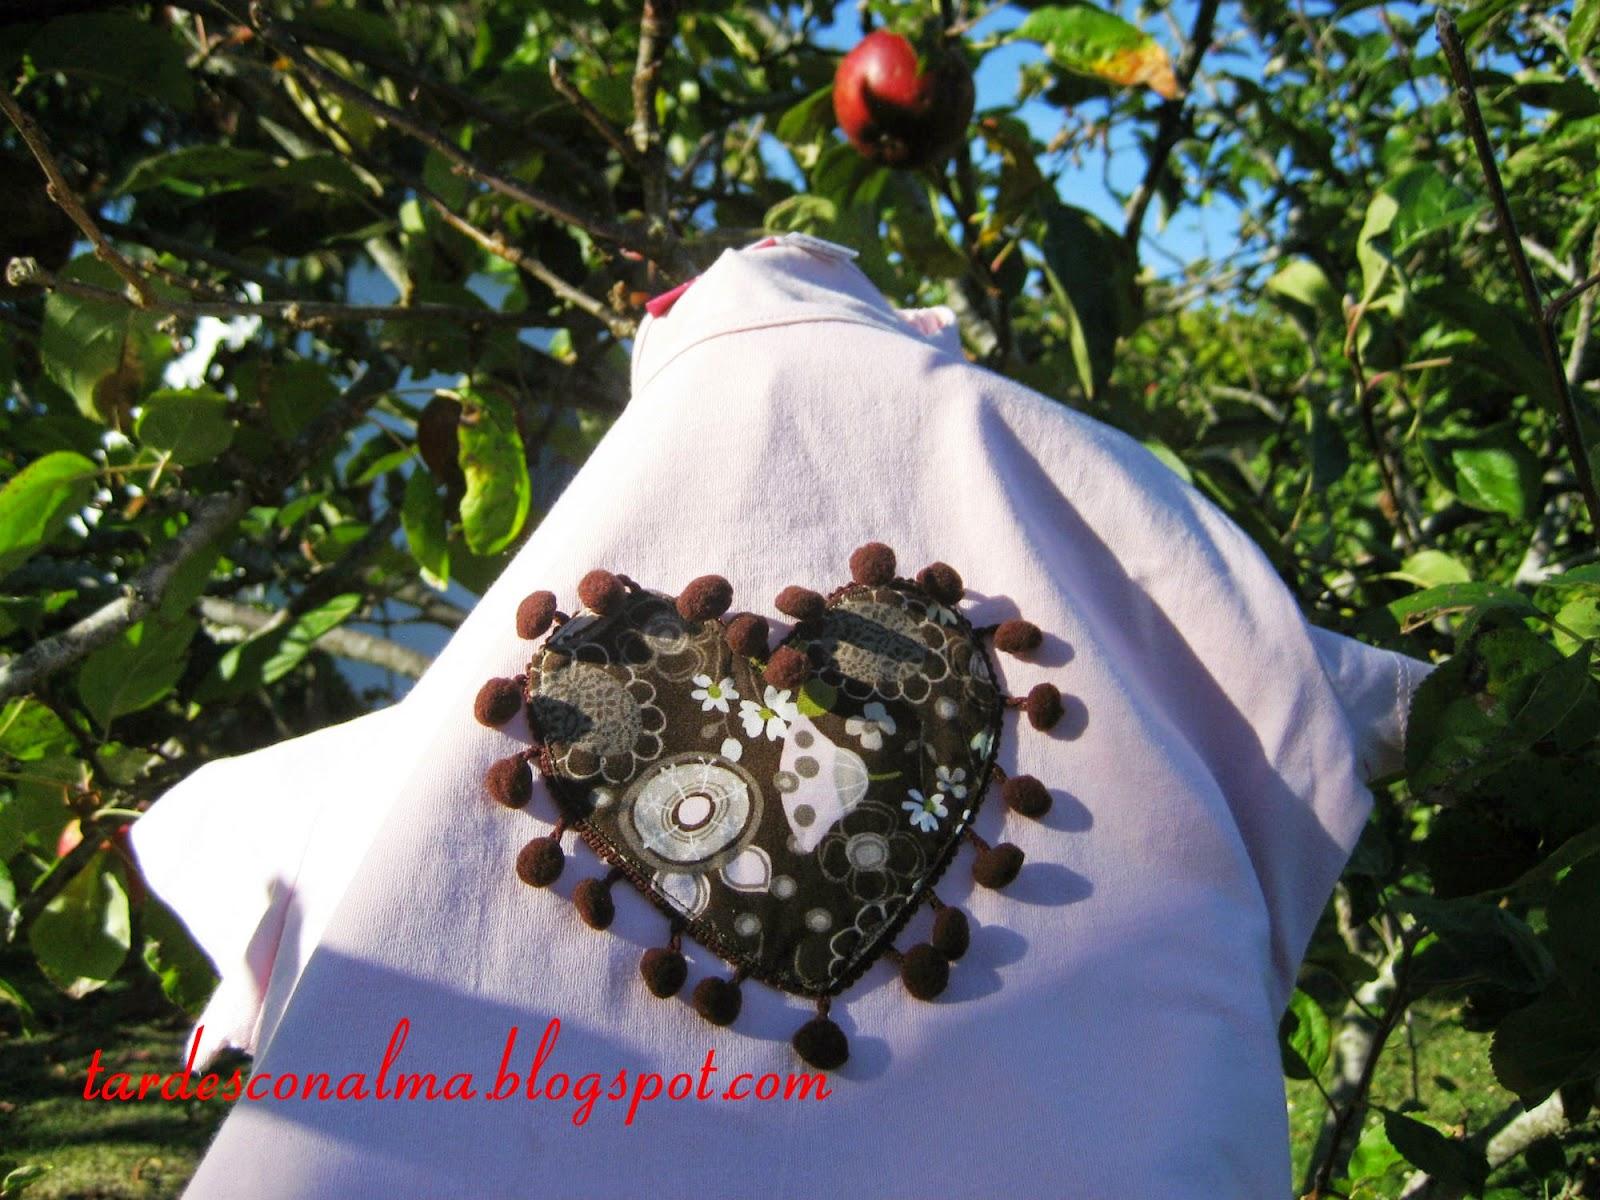 DIY, tutoriales, patchwork, recetas muy fáciles, tricot, calceta